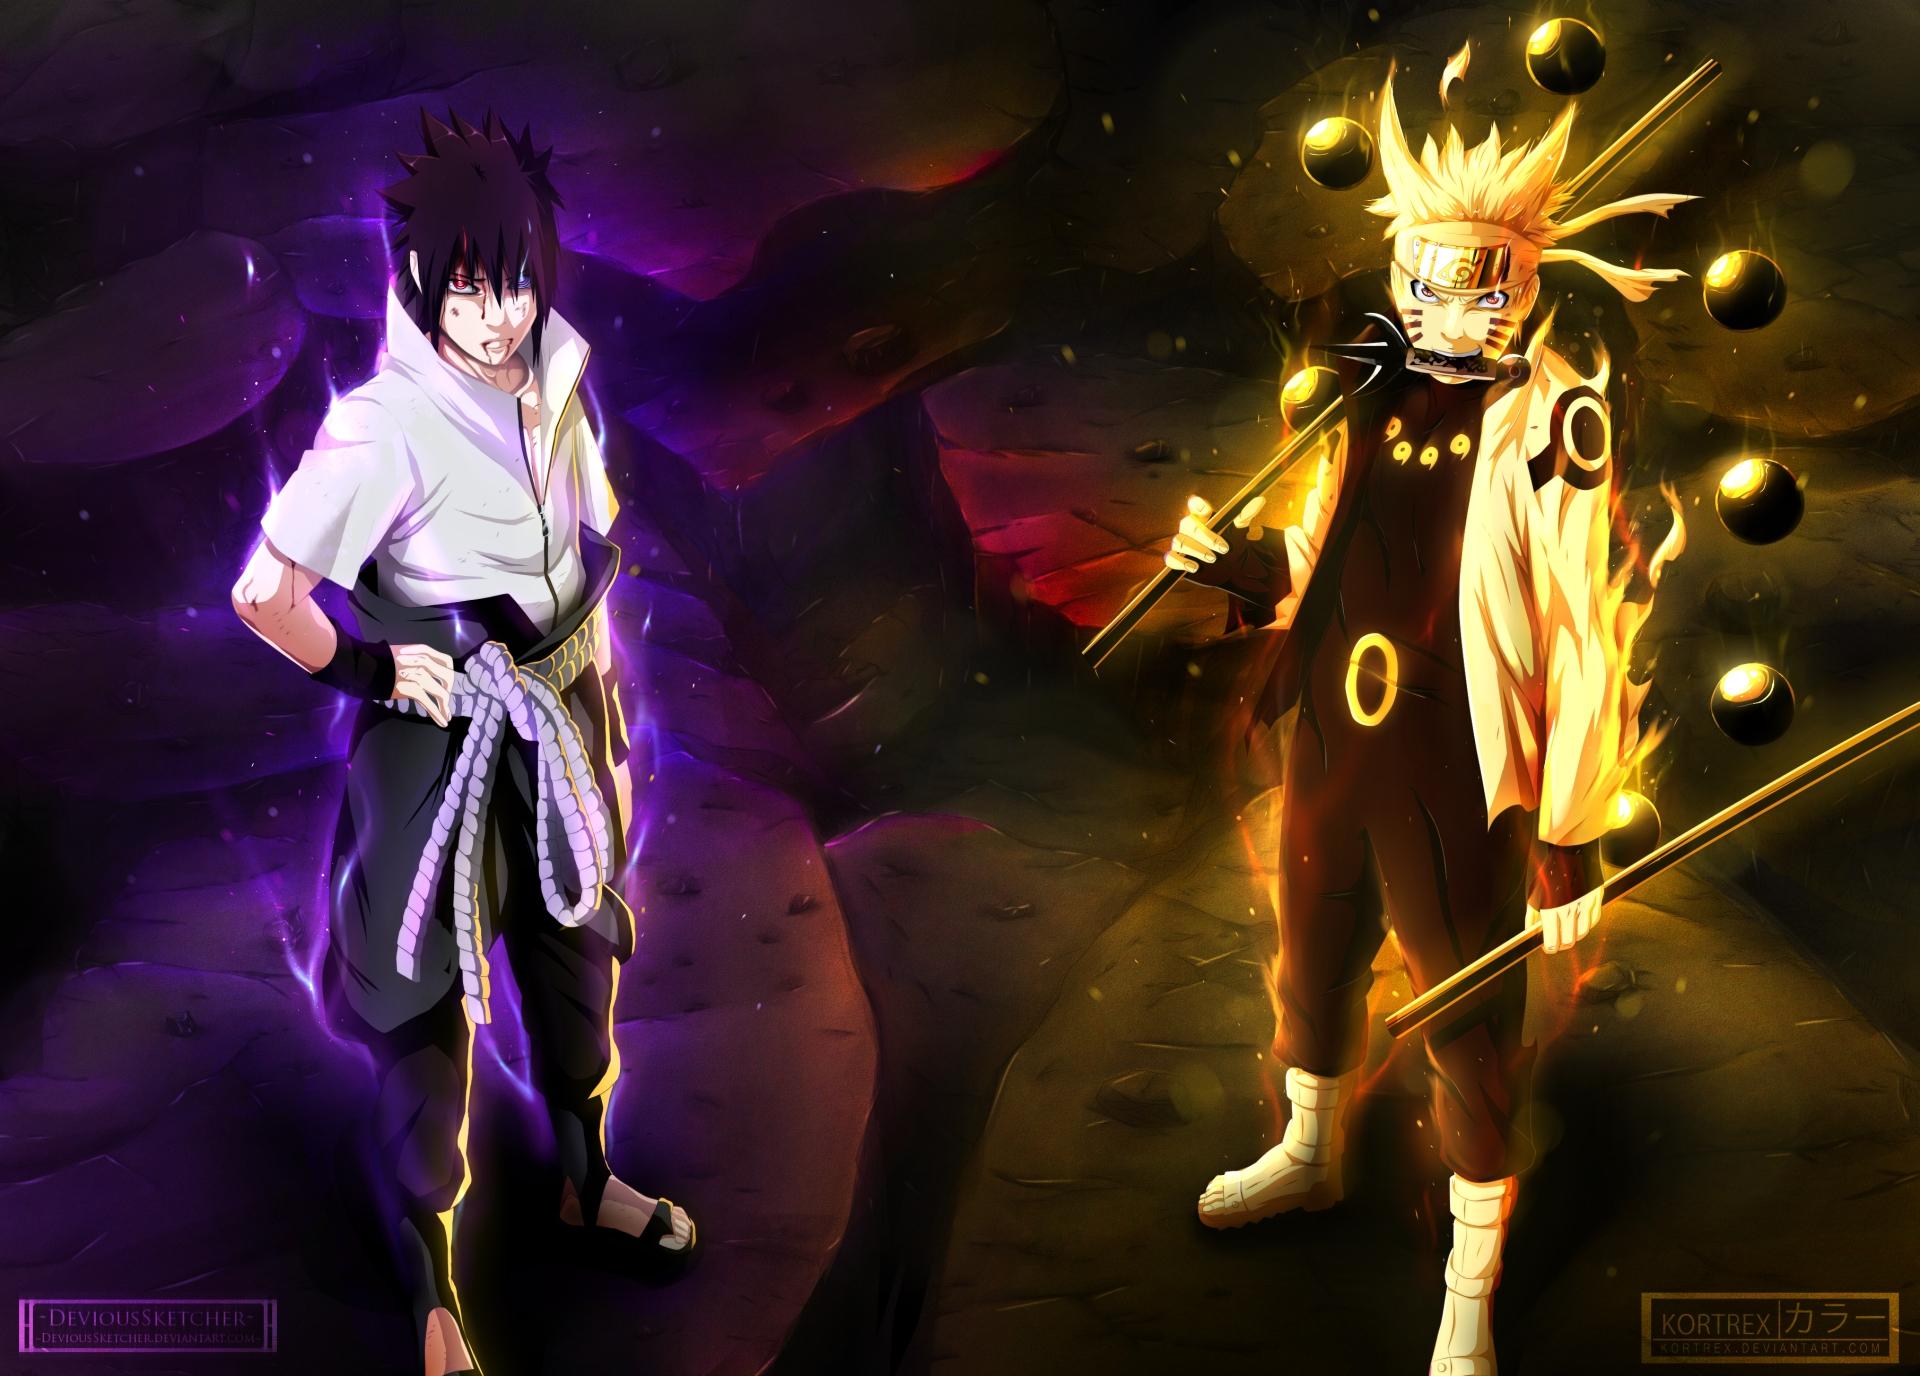 anime naruto sasuke uchiha naruto uzumaki anime fond d'écran